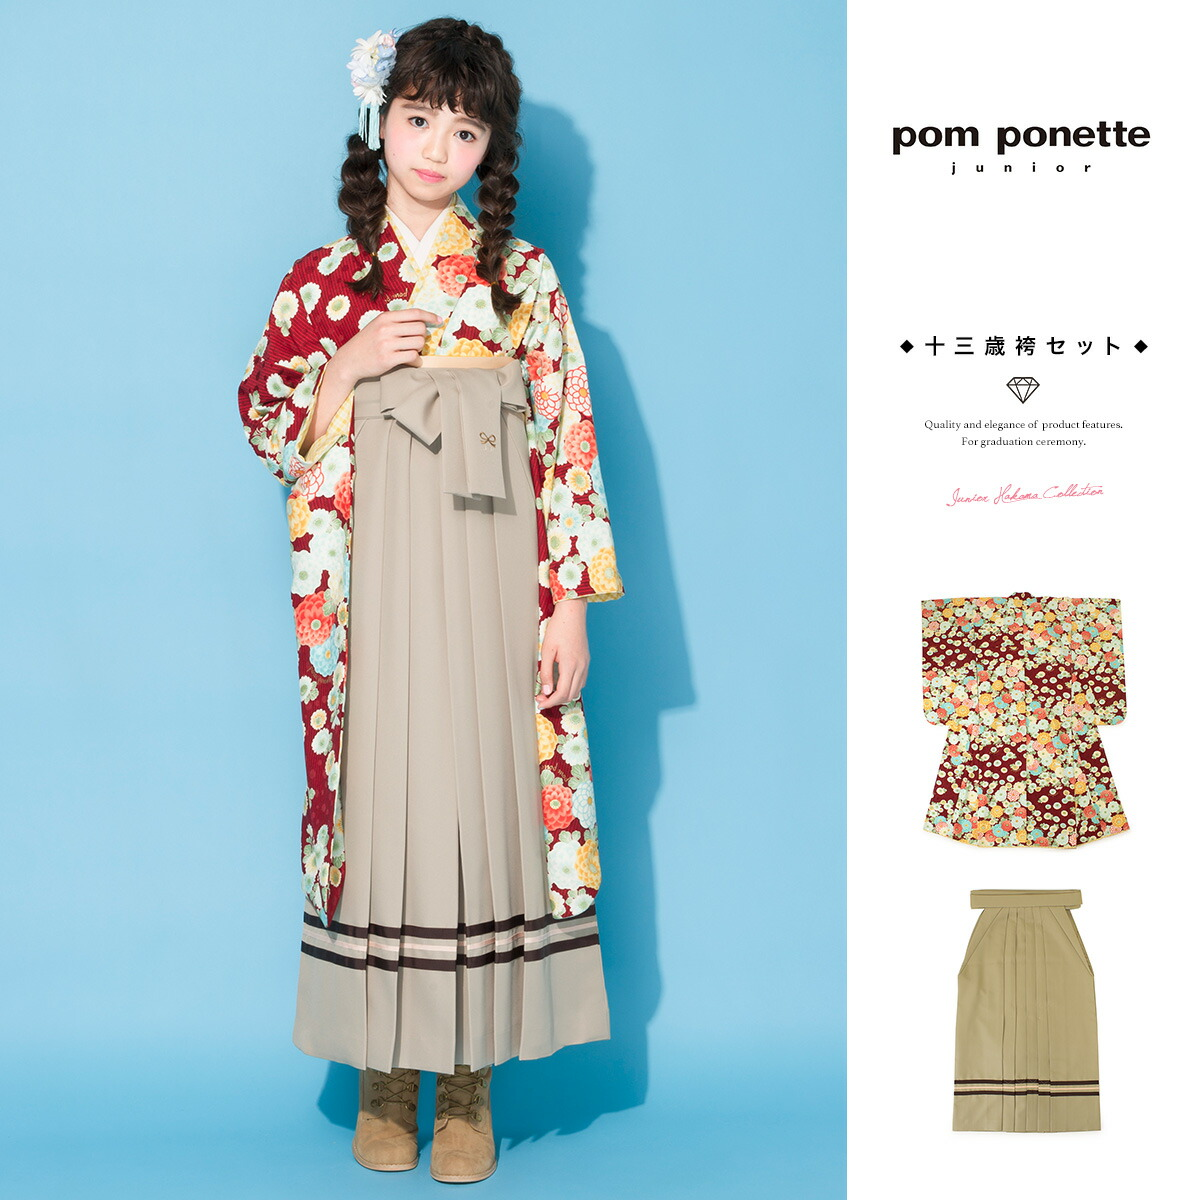 人気ブランド『pomponette(ポンポネット)』卒業式向け着物・袴セット